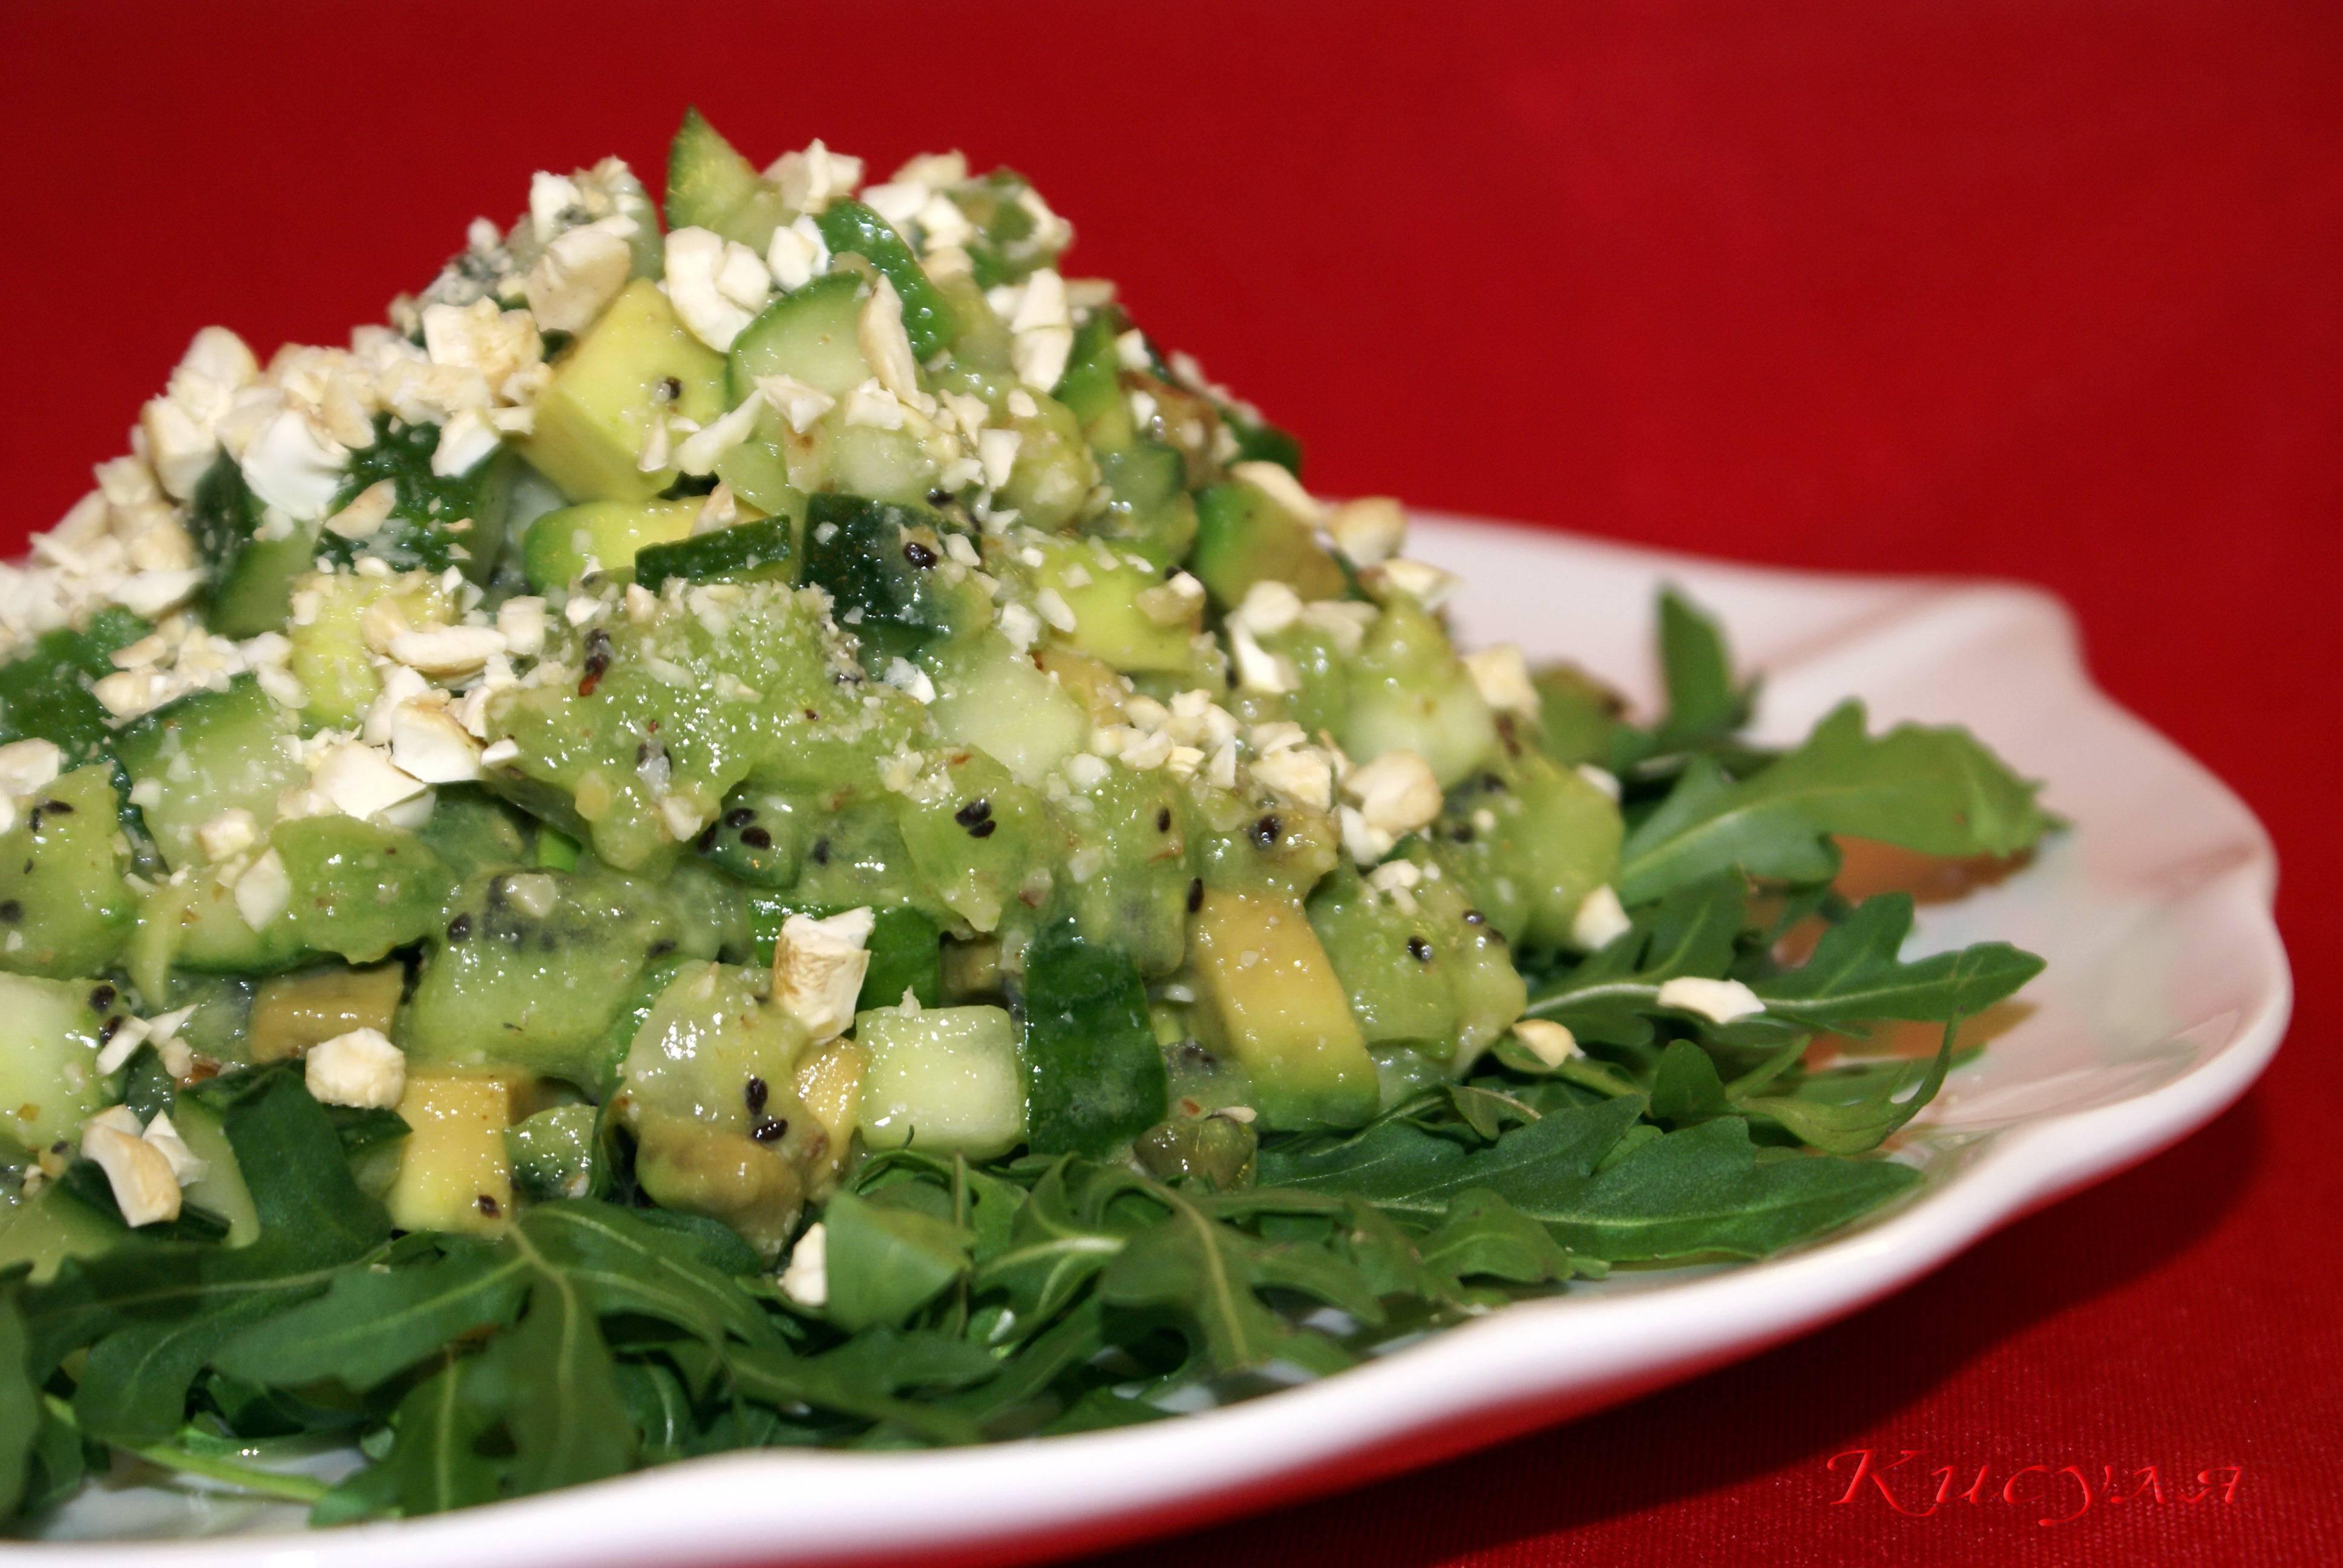 Праздничный томатный салат с авокадо и кедровыми орешками - великий повар - пошаговые фоторецепты